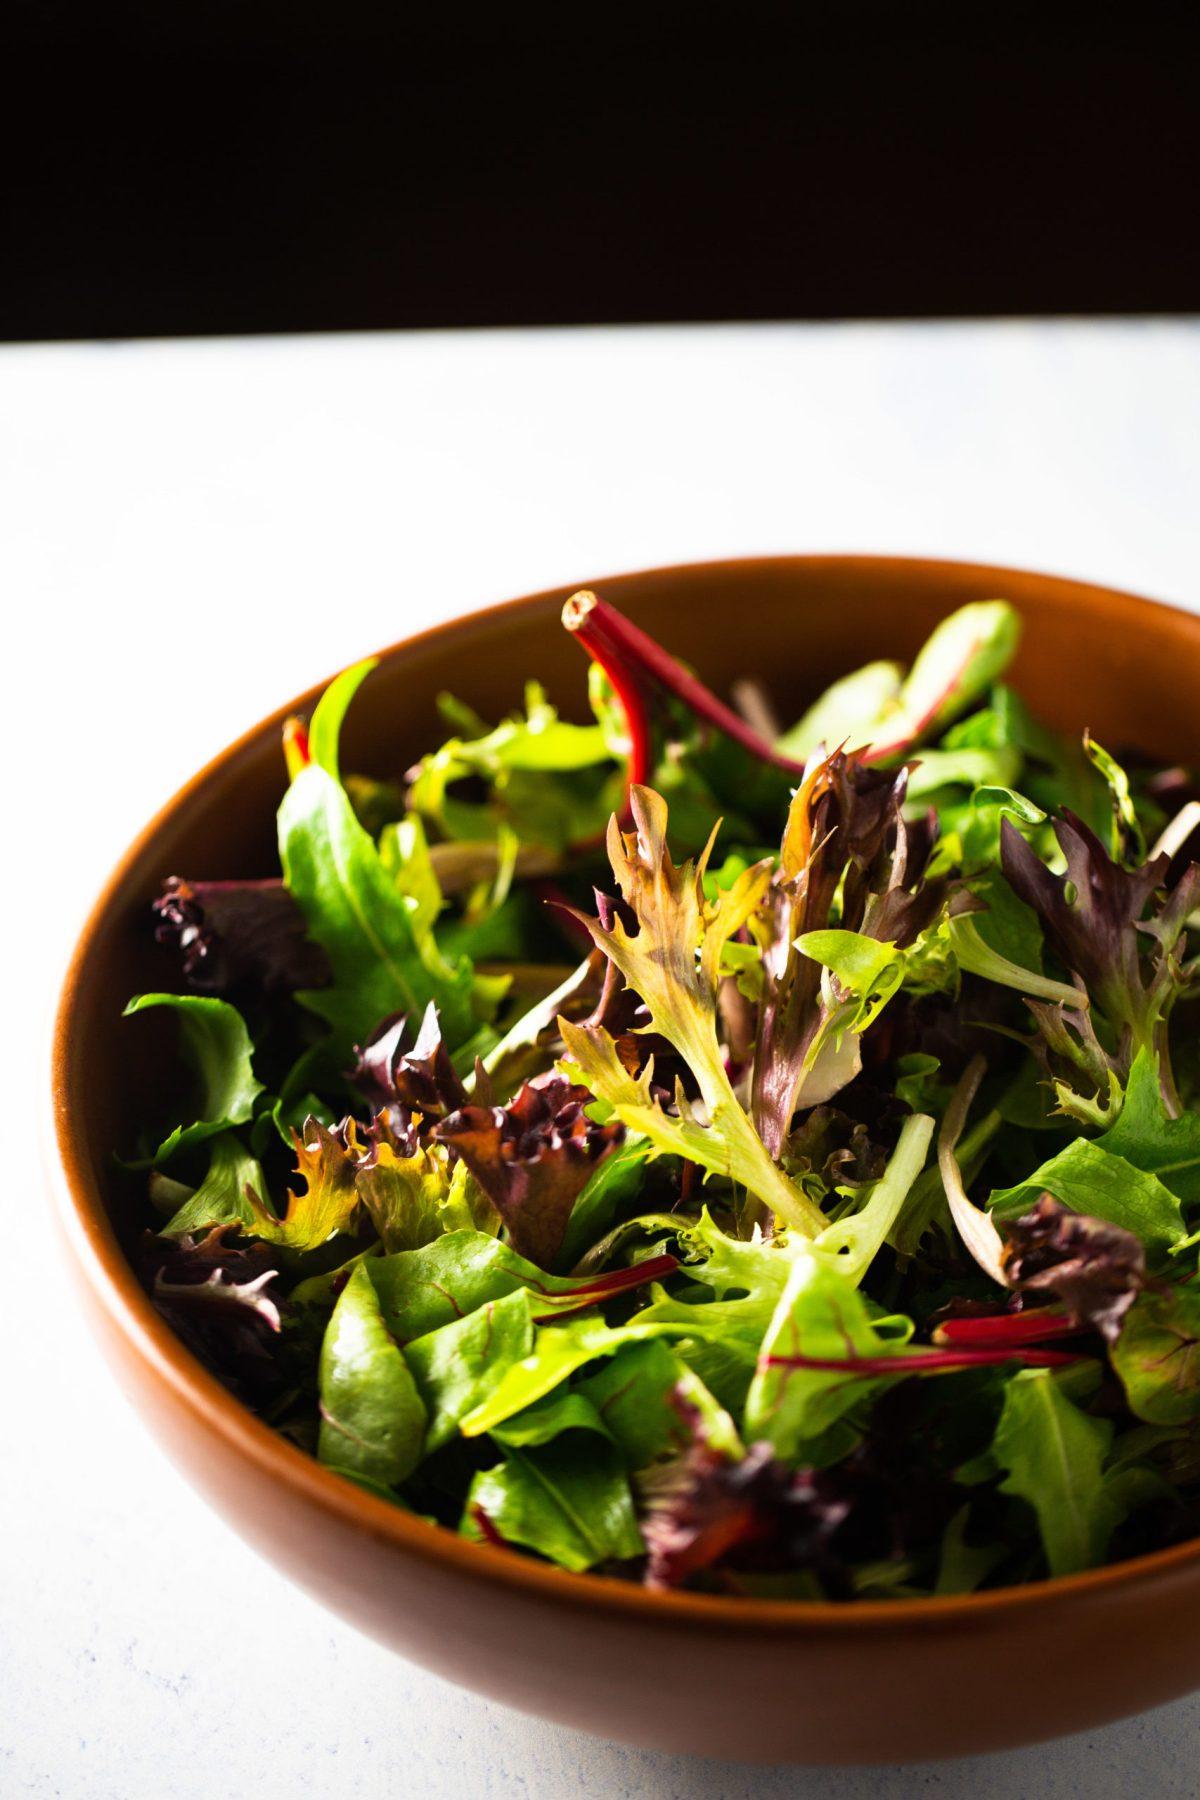 un bowl con hojas verdes